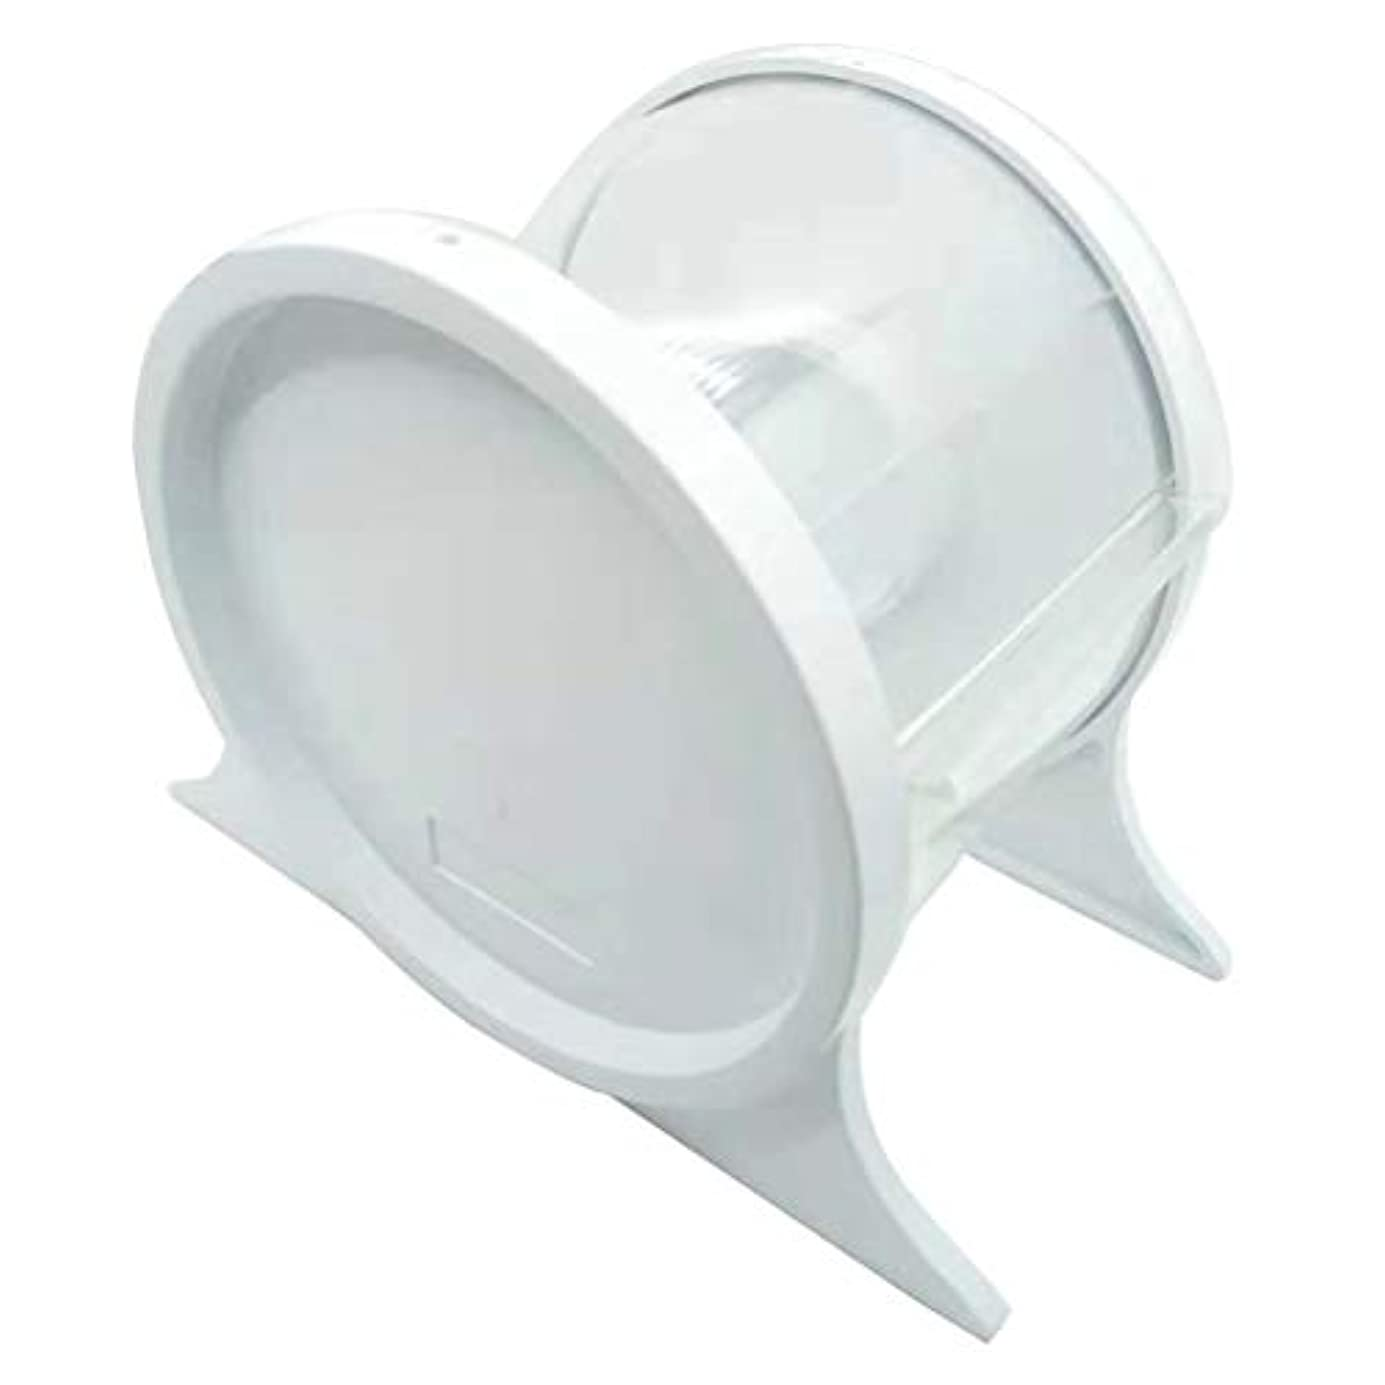 熟練した約束する保護するSUPVOX 歯科用バリアフィルムディスペンサー使い捨て保護スタンドホルダーシェルフ歯科用ツール1本(ホワイト)